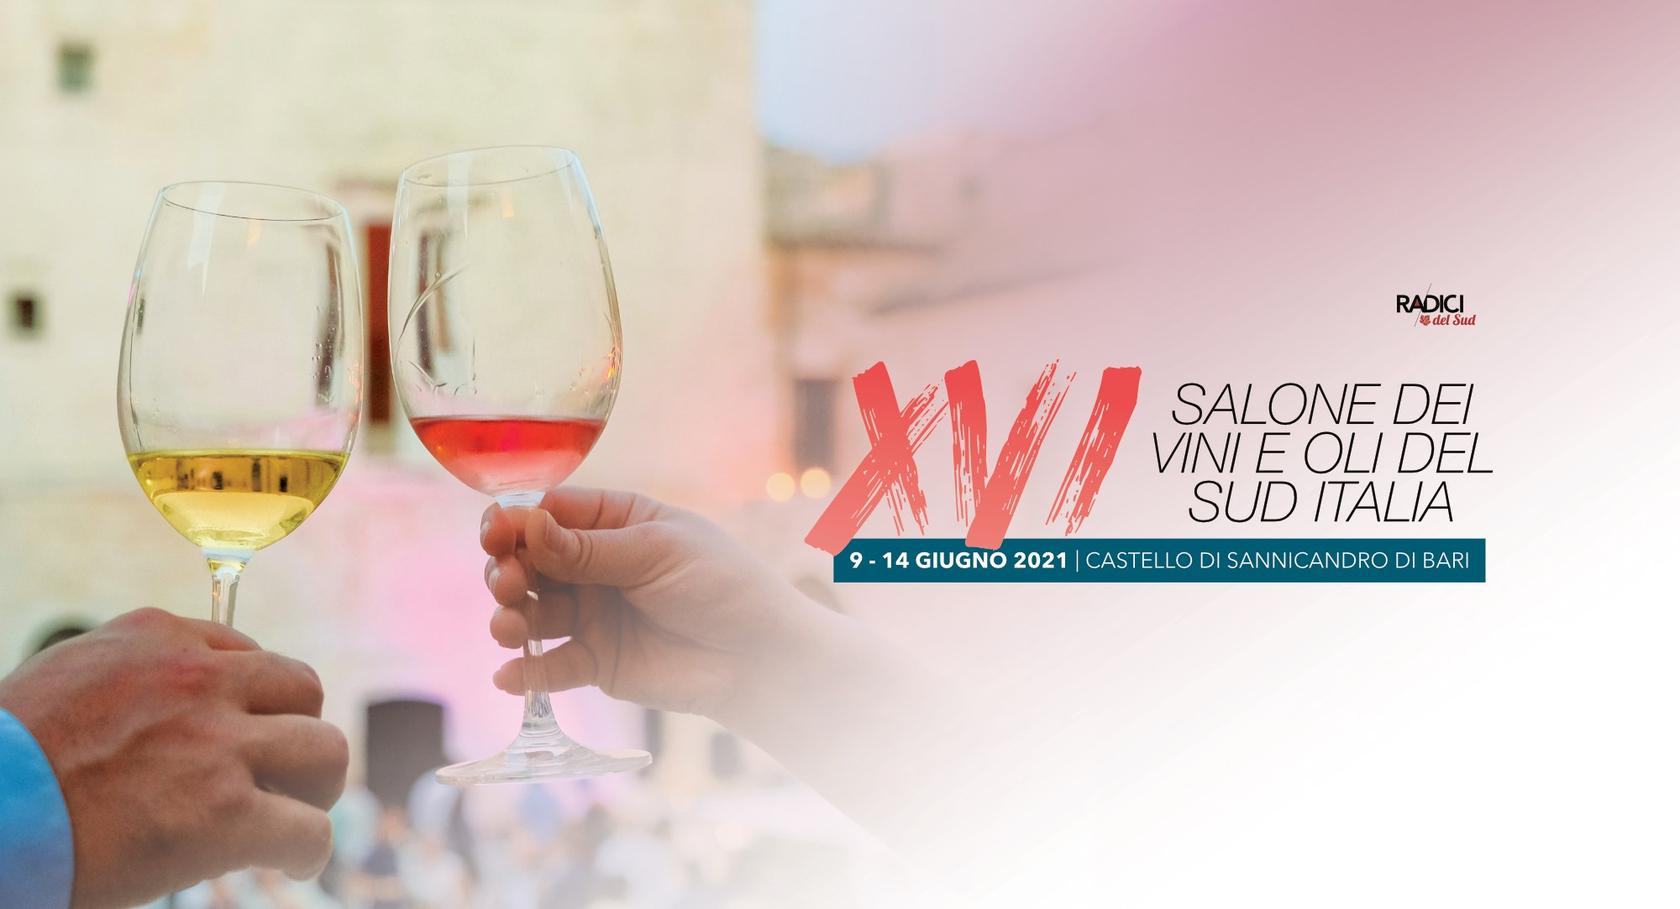 Salone dei Vini e Oli del Sud Italia 2021